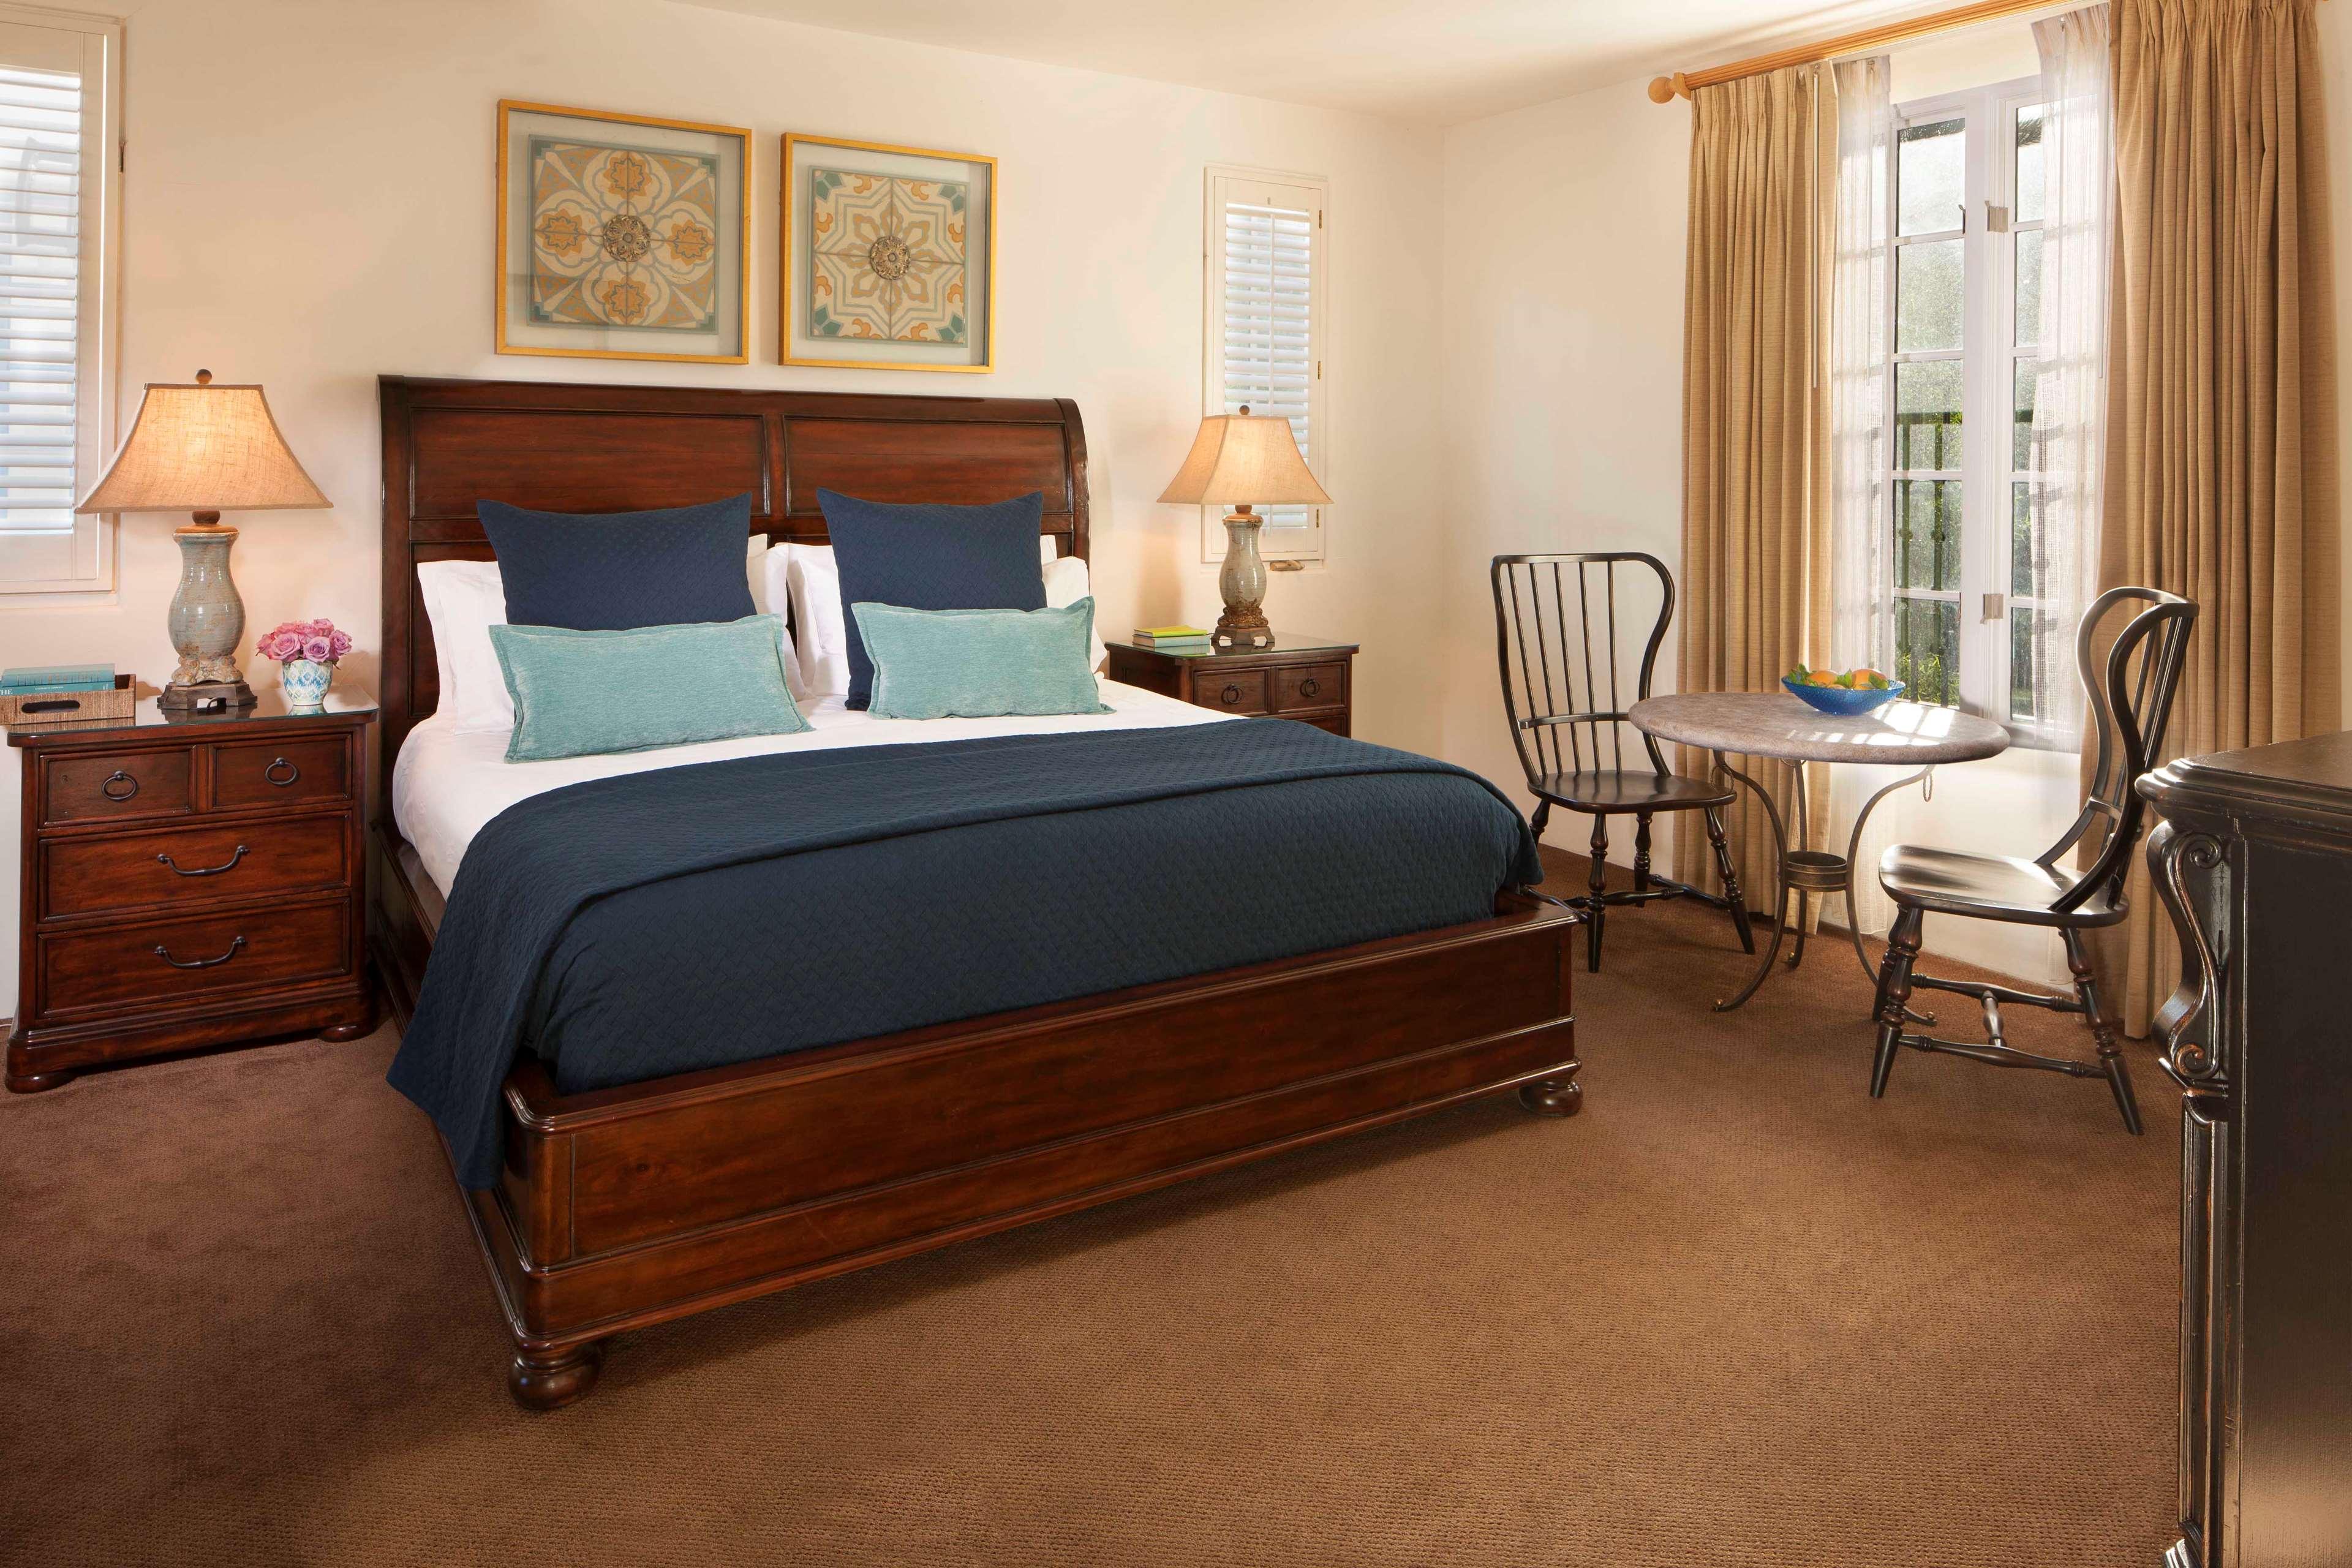 La Quinta Resort & Club, A Waldorf Astoria Resort image 26